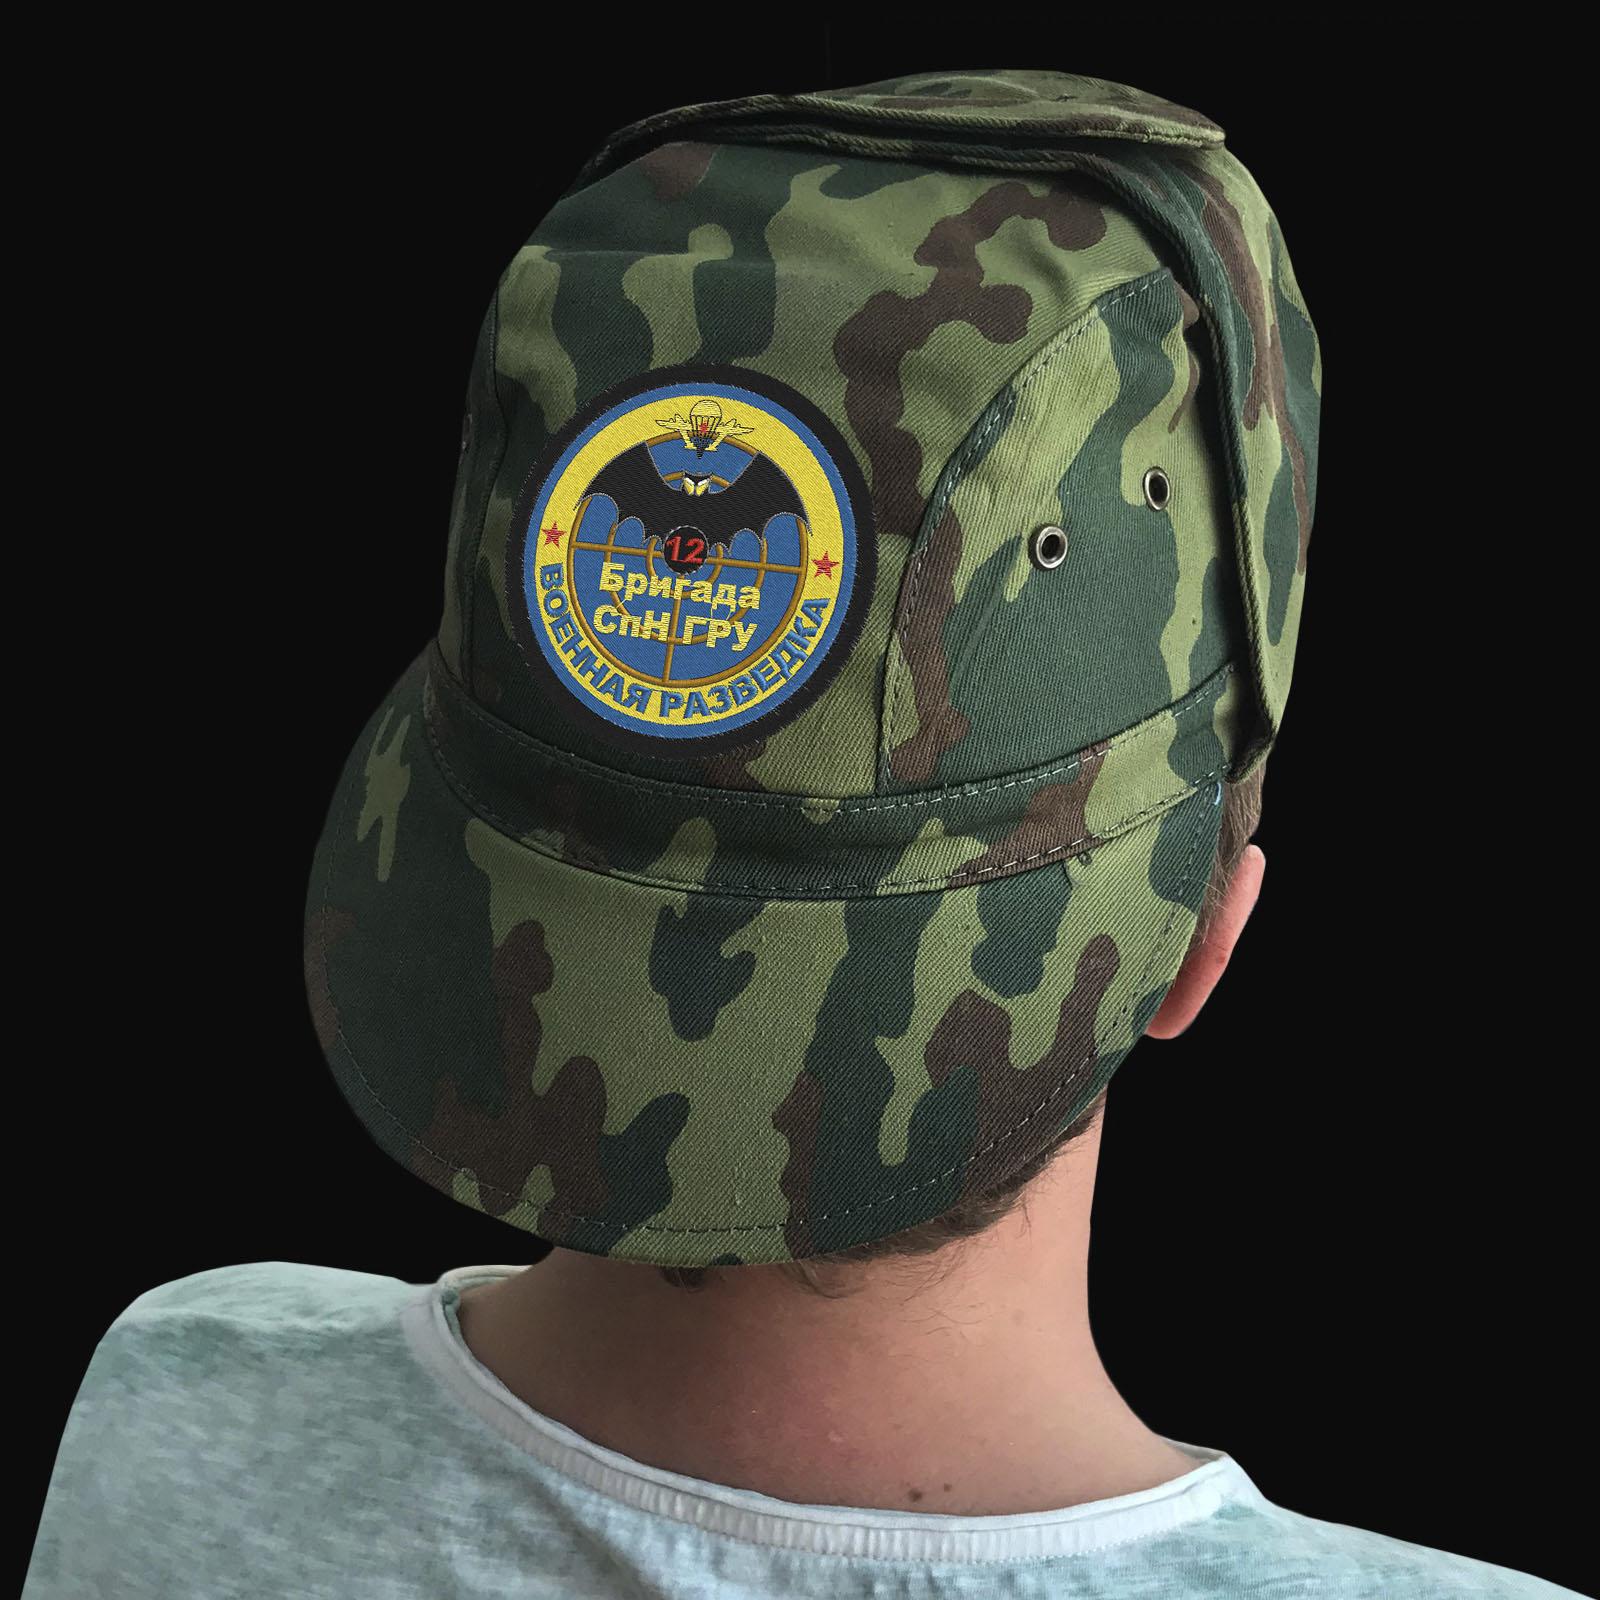 Продажа кепок с символикой 12-й отдельной бригады специального назначения ГРУ